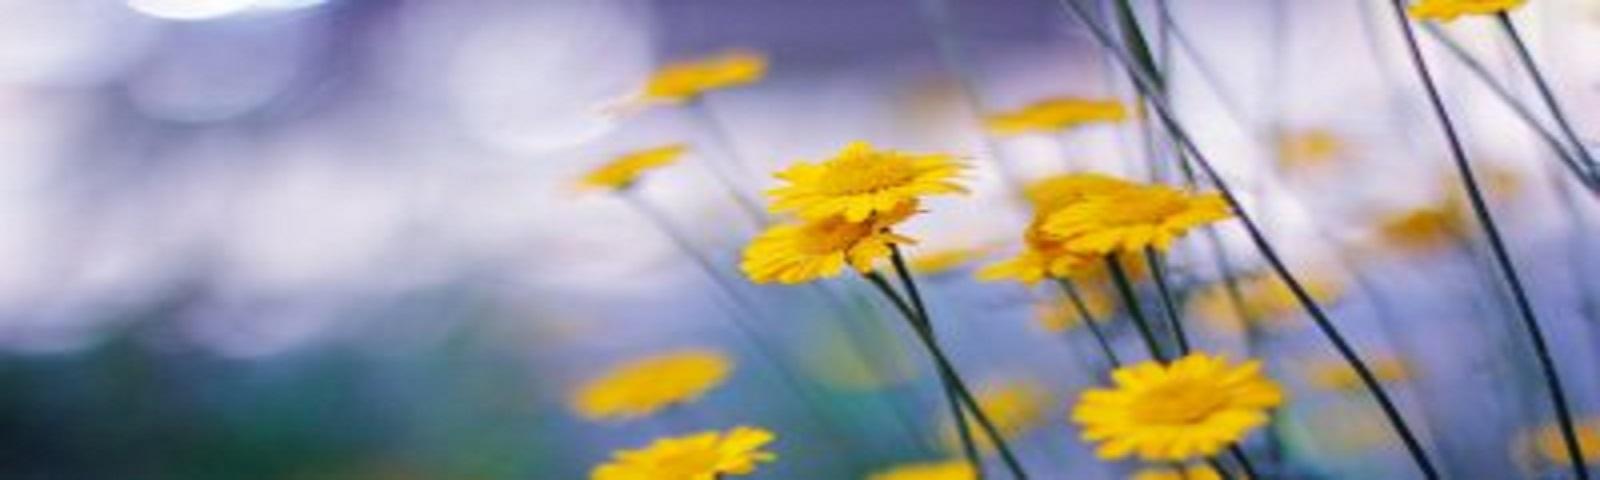 2019 「該離開還是留下? 外遇的自我療癒和關係修復:EFIT 與EFCT的應用」工作坊開放報名中